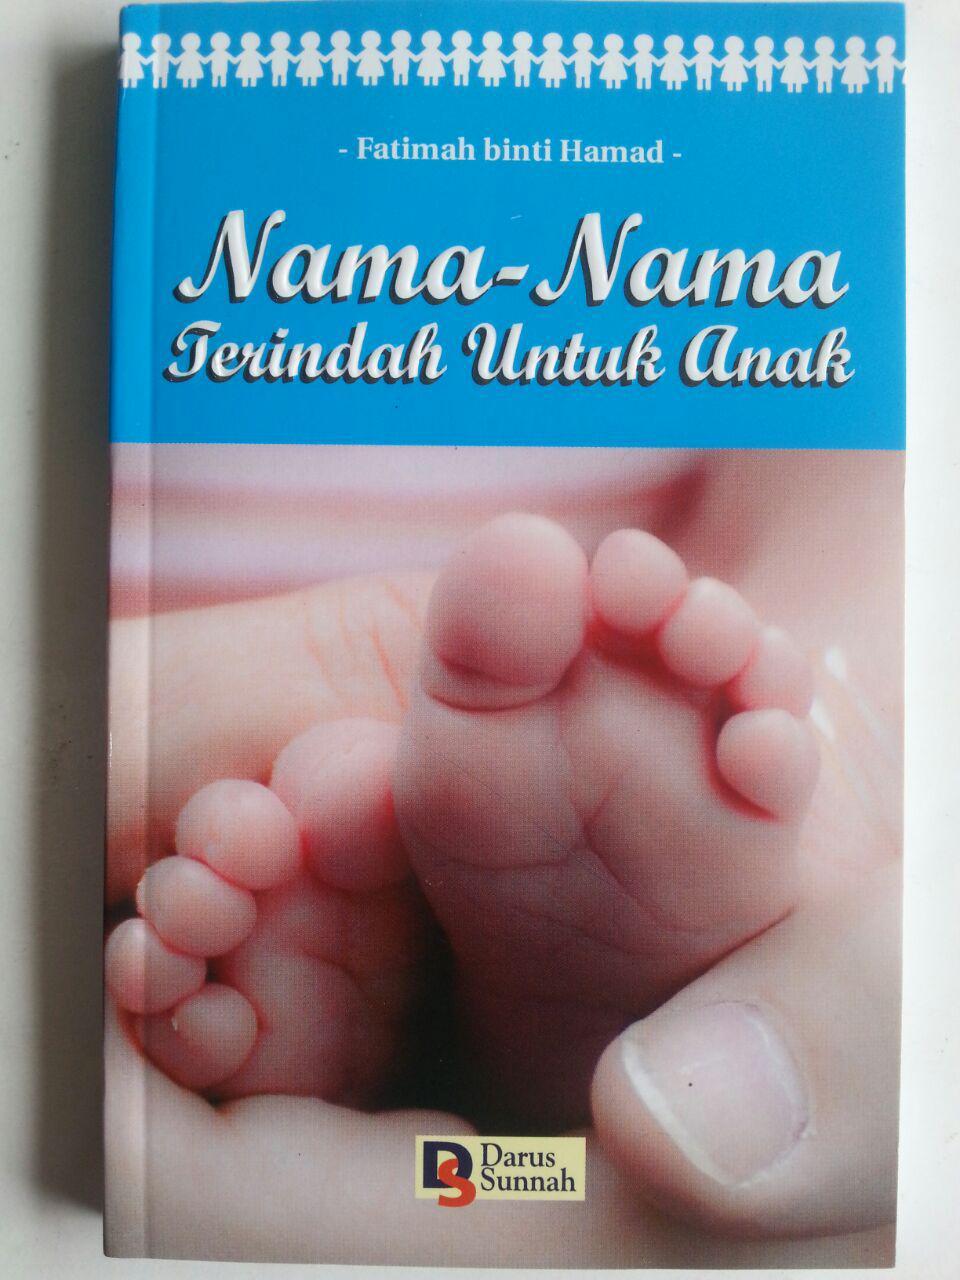 Buku Nama-Nama Terindah Untuk Anak cover 2